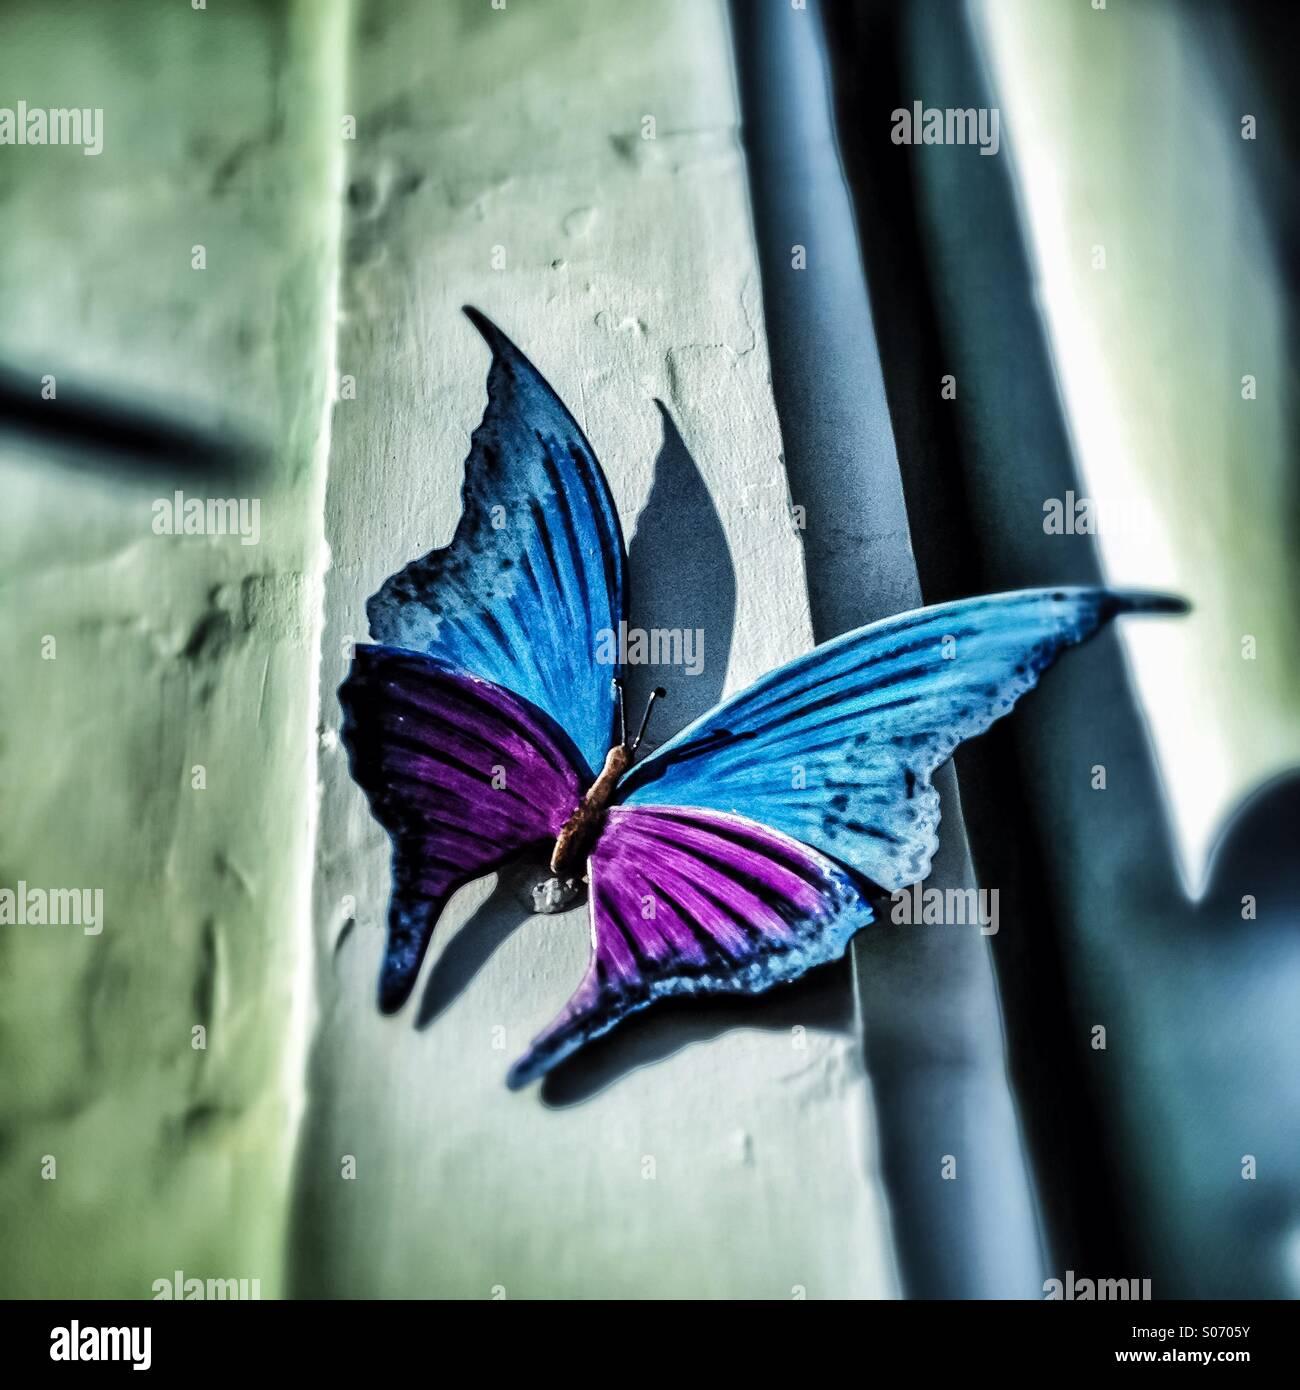 Butterfly scultura decorare una parete Immagini Stock